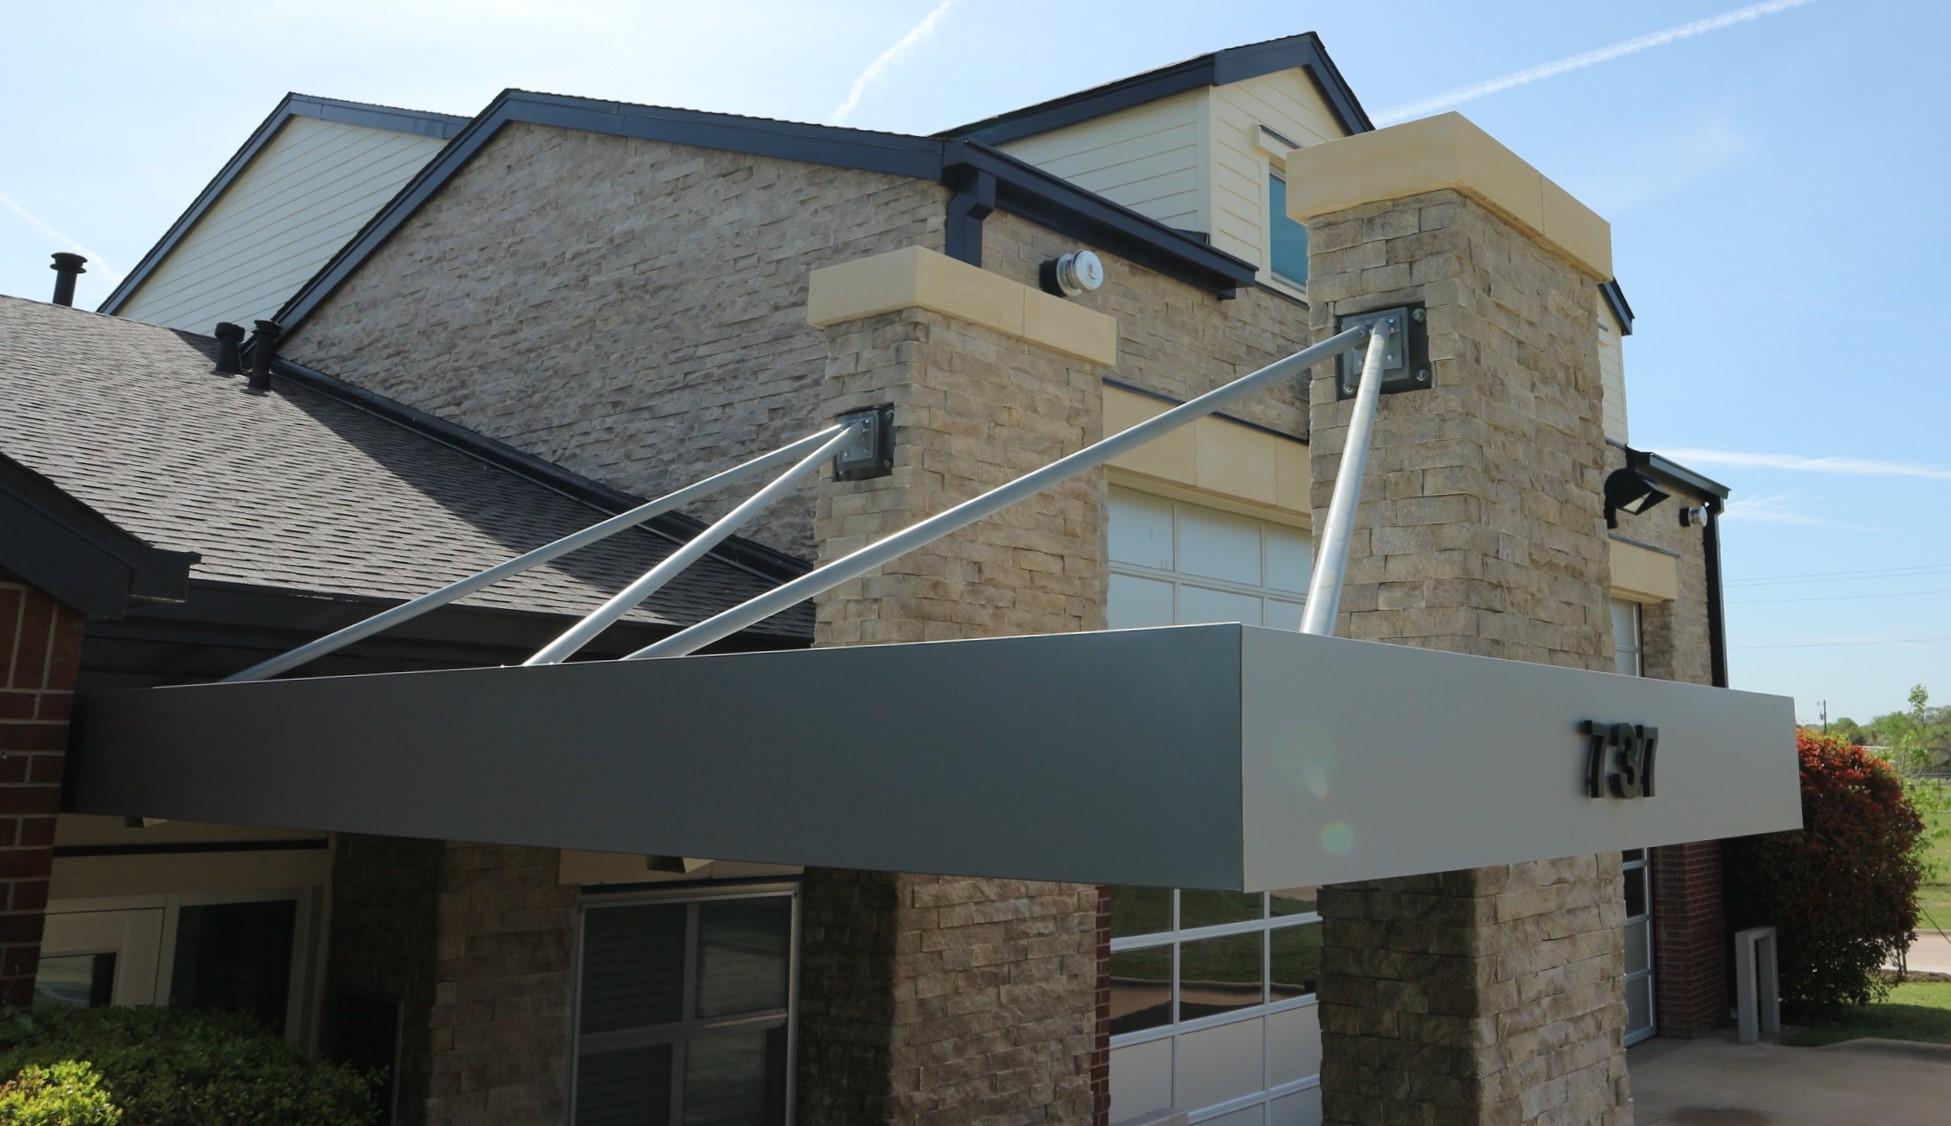 Wrapped aluminium canopy